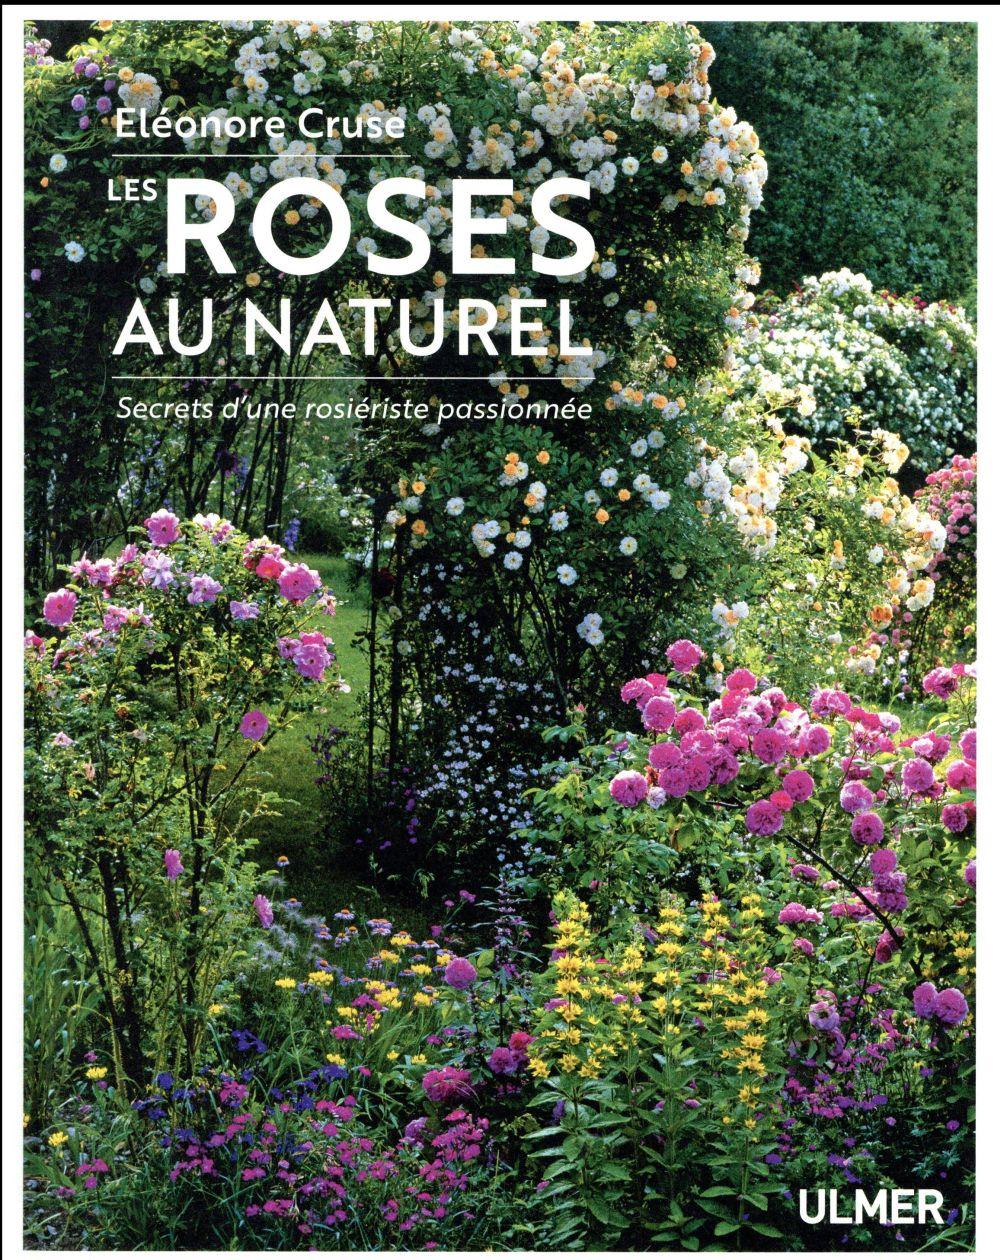 les roses au naturel ; secrets d'une rosiériste passionnée